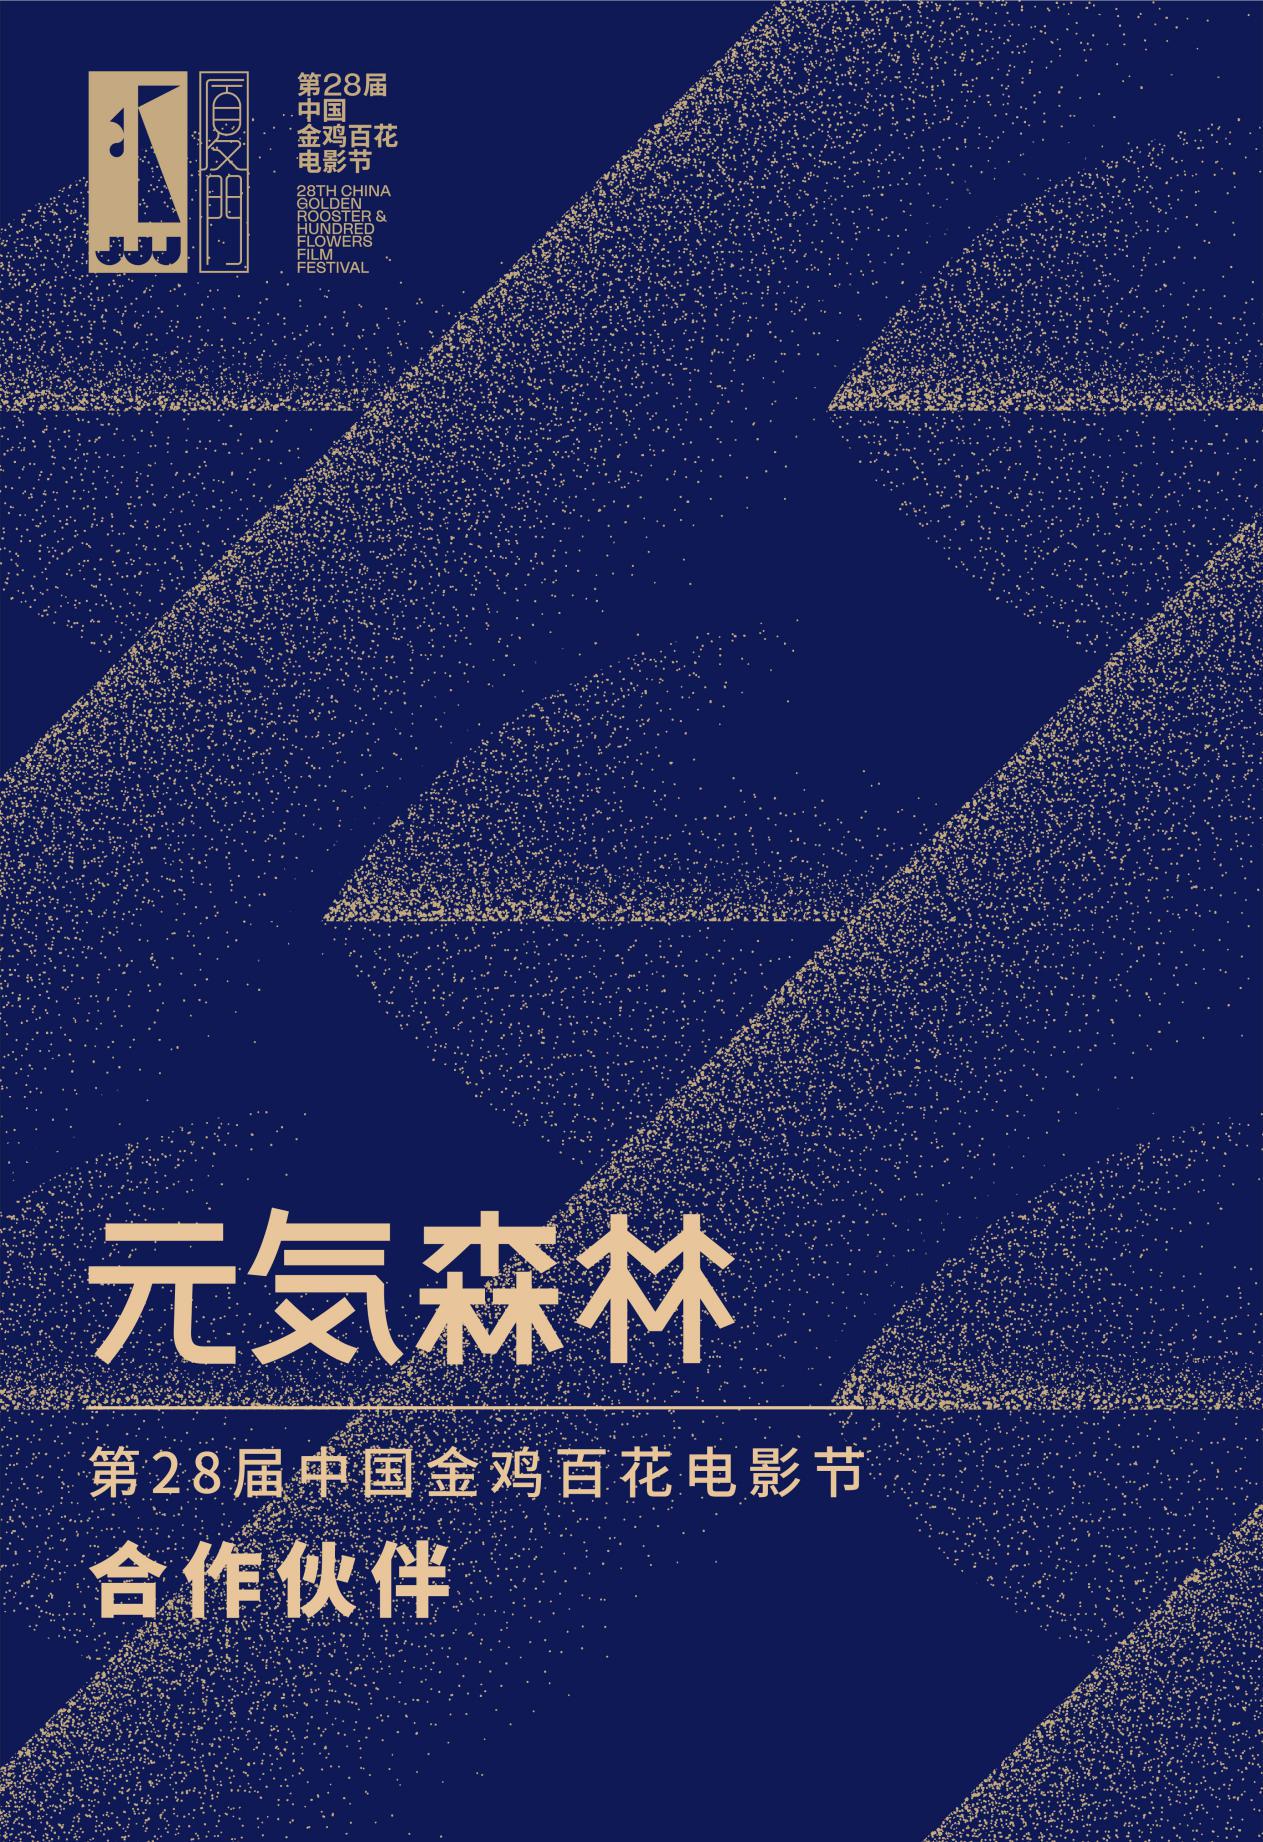 元�萆�林无糖气泡水携手金鸡百花电影节共享文化盛事